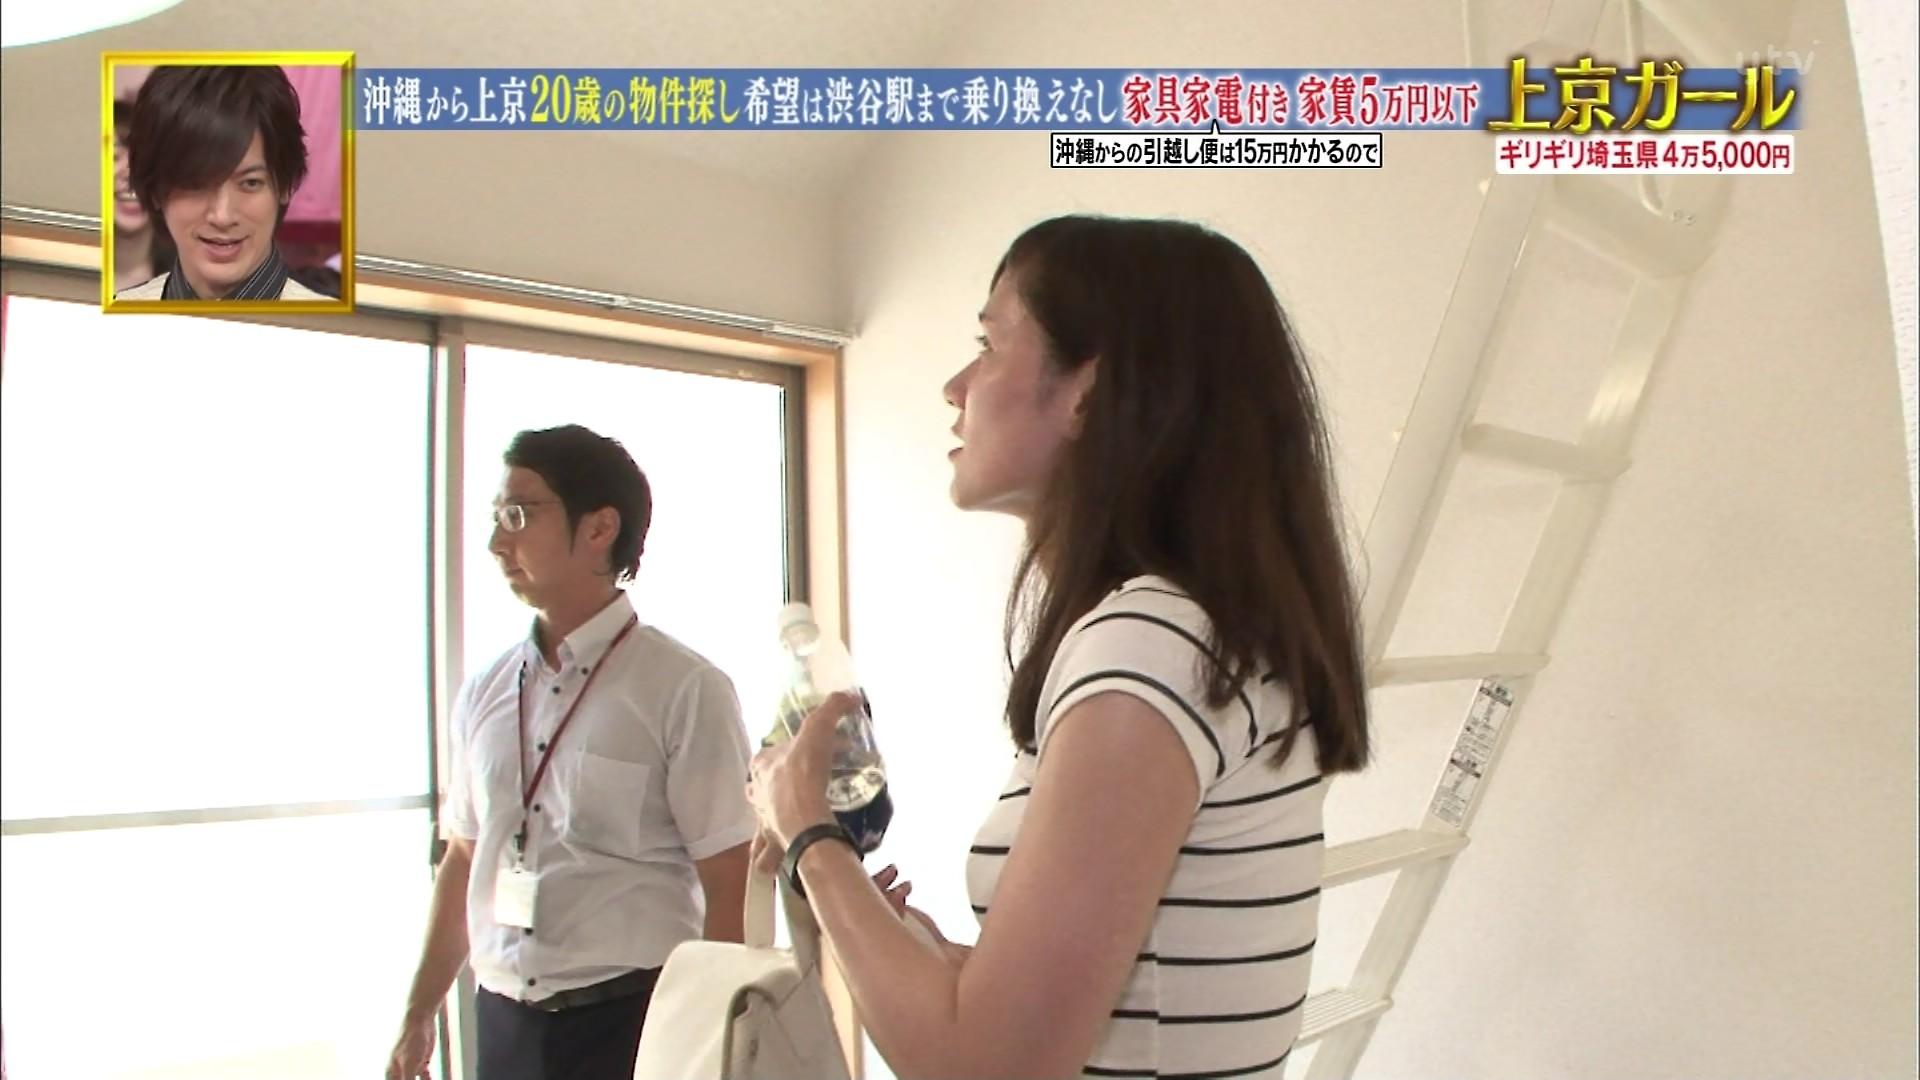 沖縄美女_パンチラ_放送事故_テレビキャプ画像_11